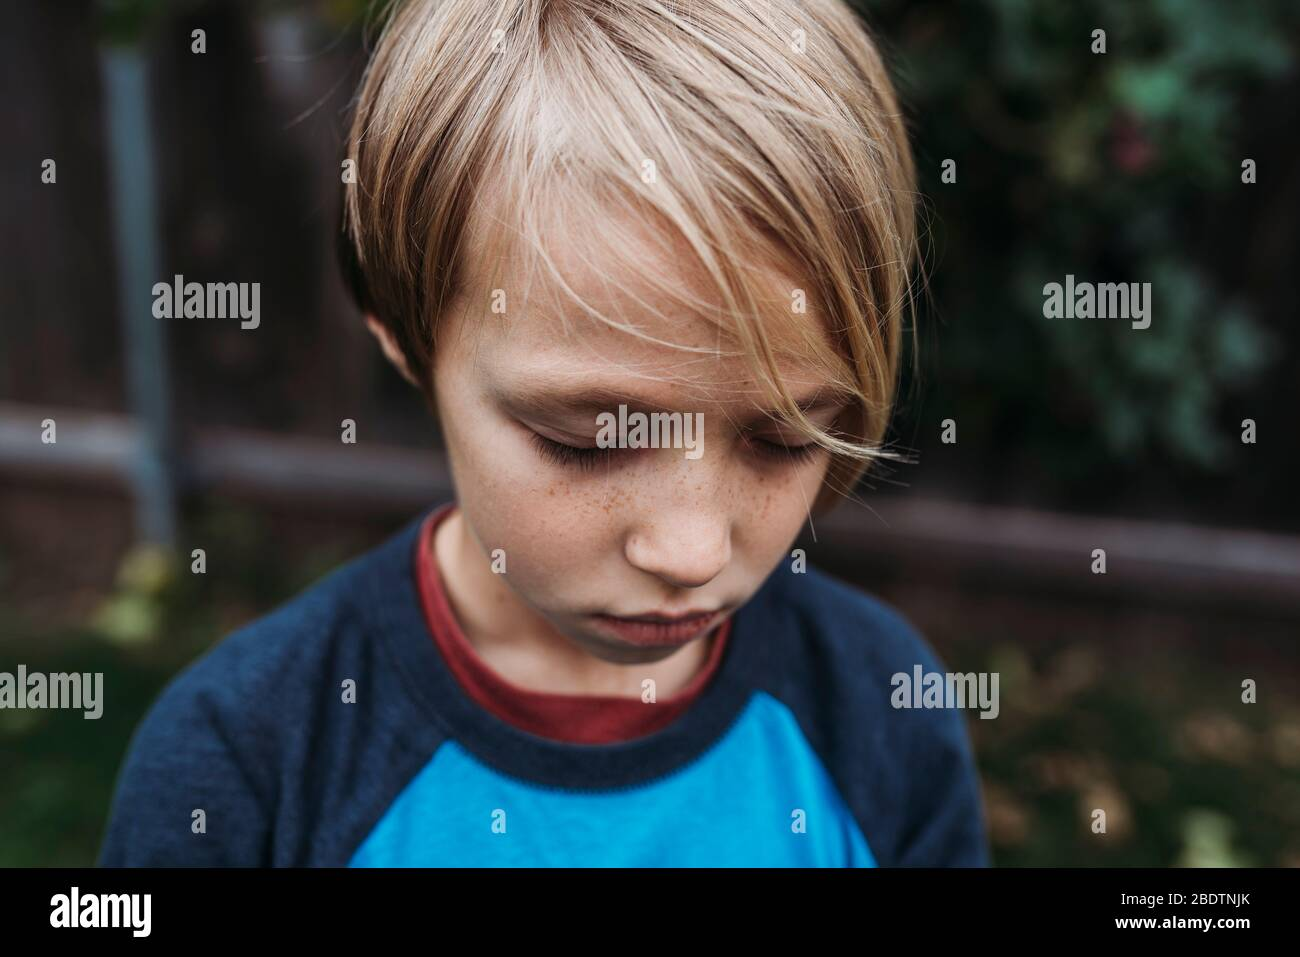 Primer plano de niño con los ojos cerrados y pecas Foto de stock